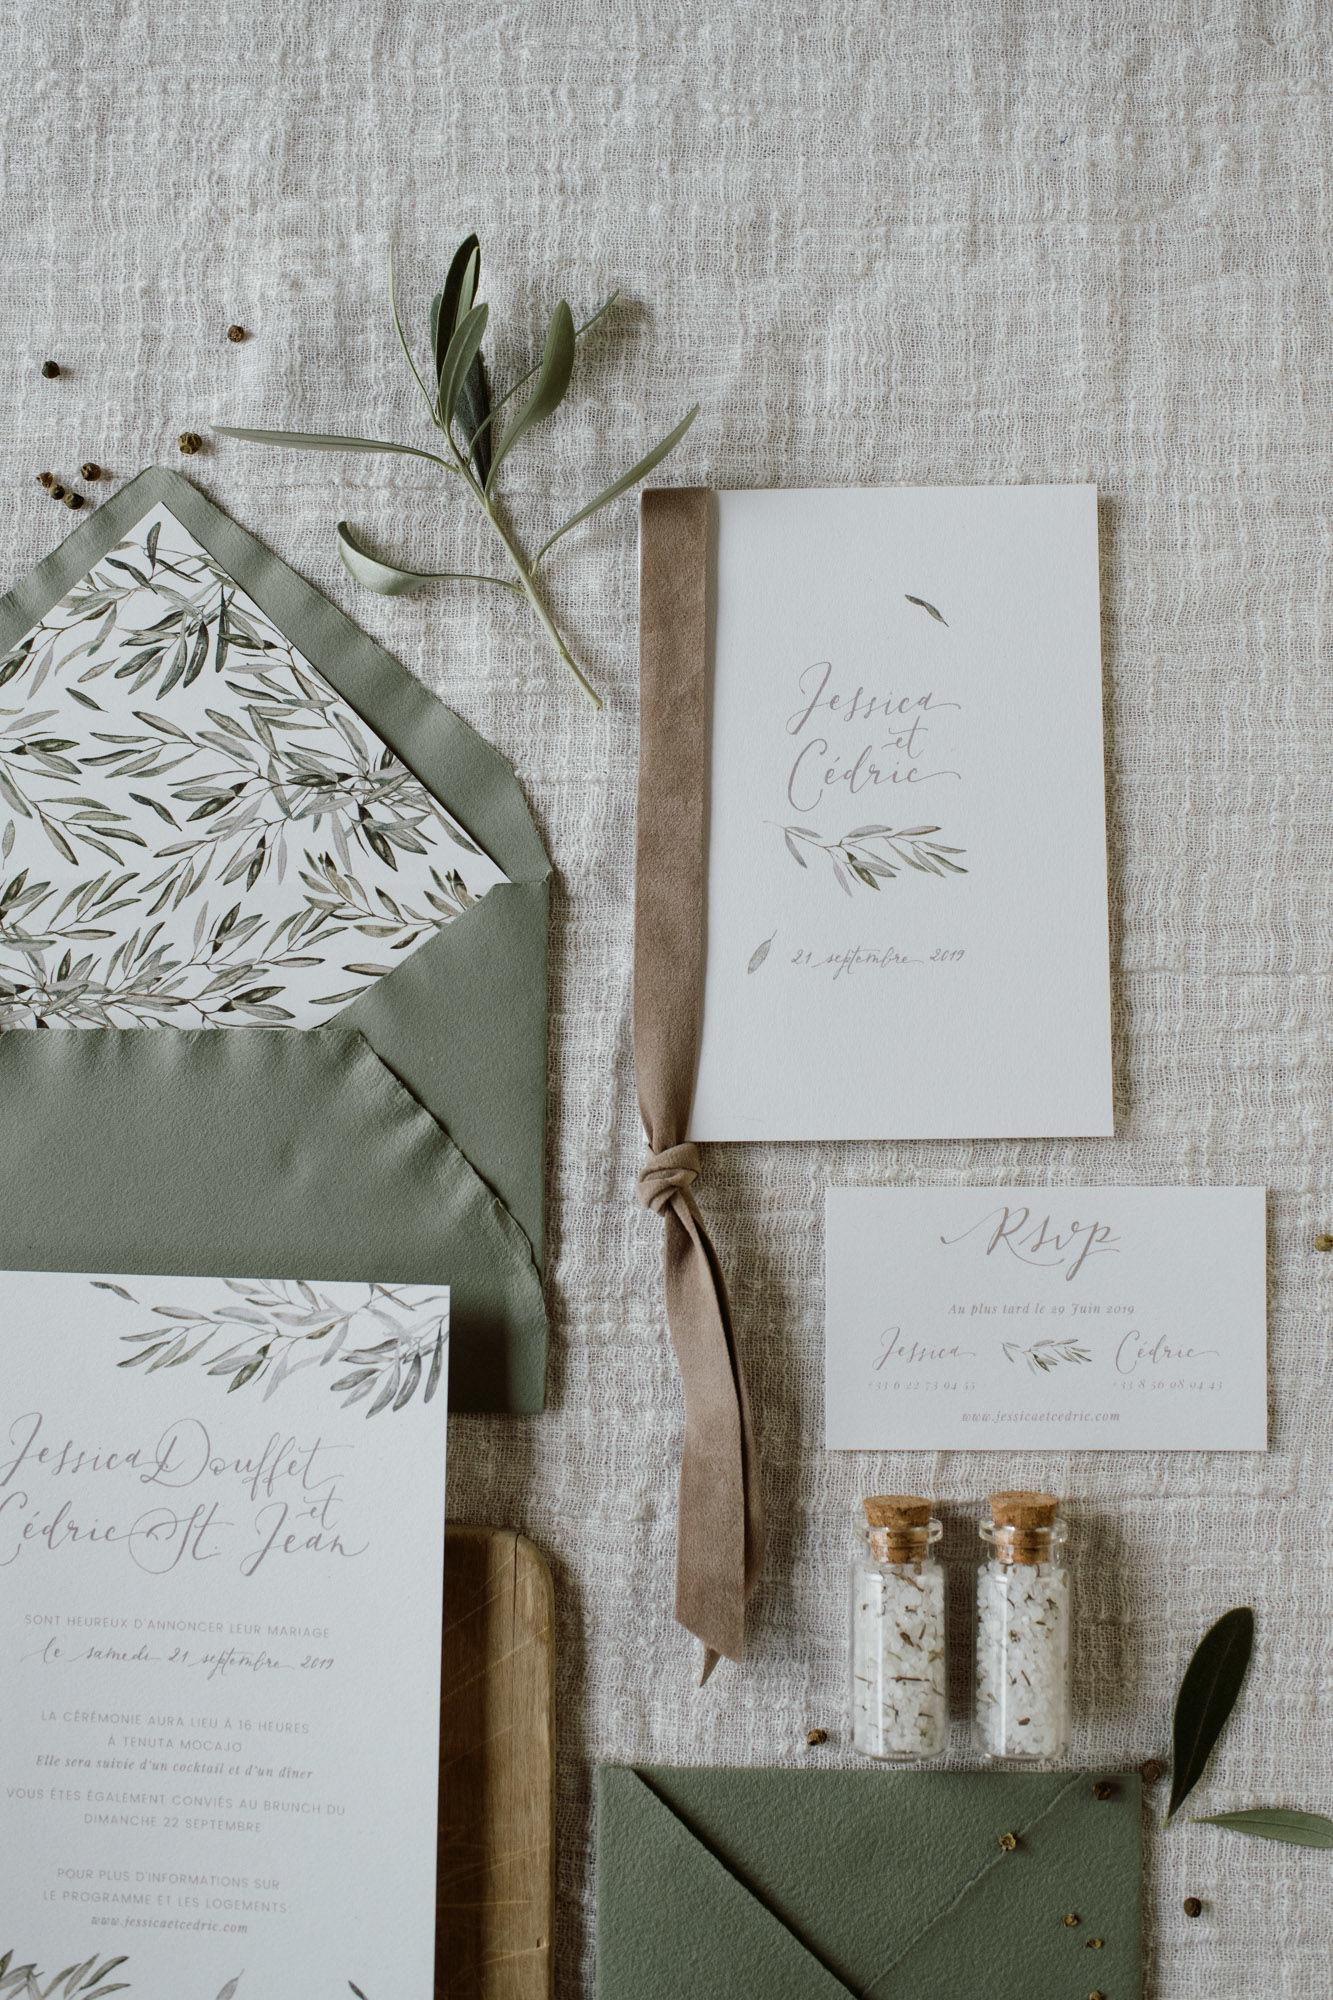 Busta Matrimonio Toscana : Partecipazioni calligrafia inviti matrimonio toscana ulivo